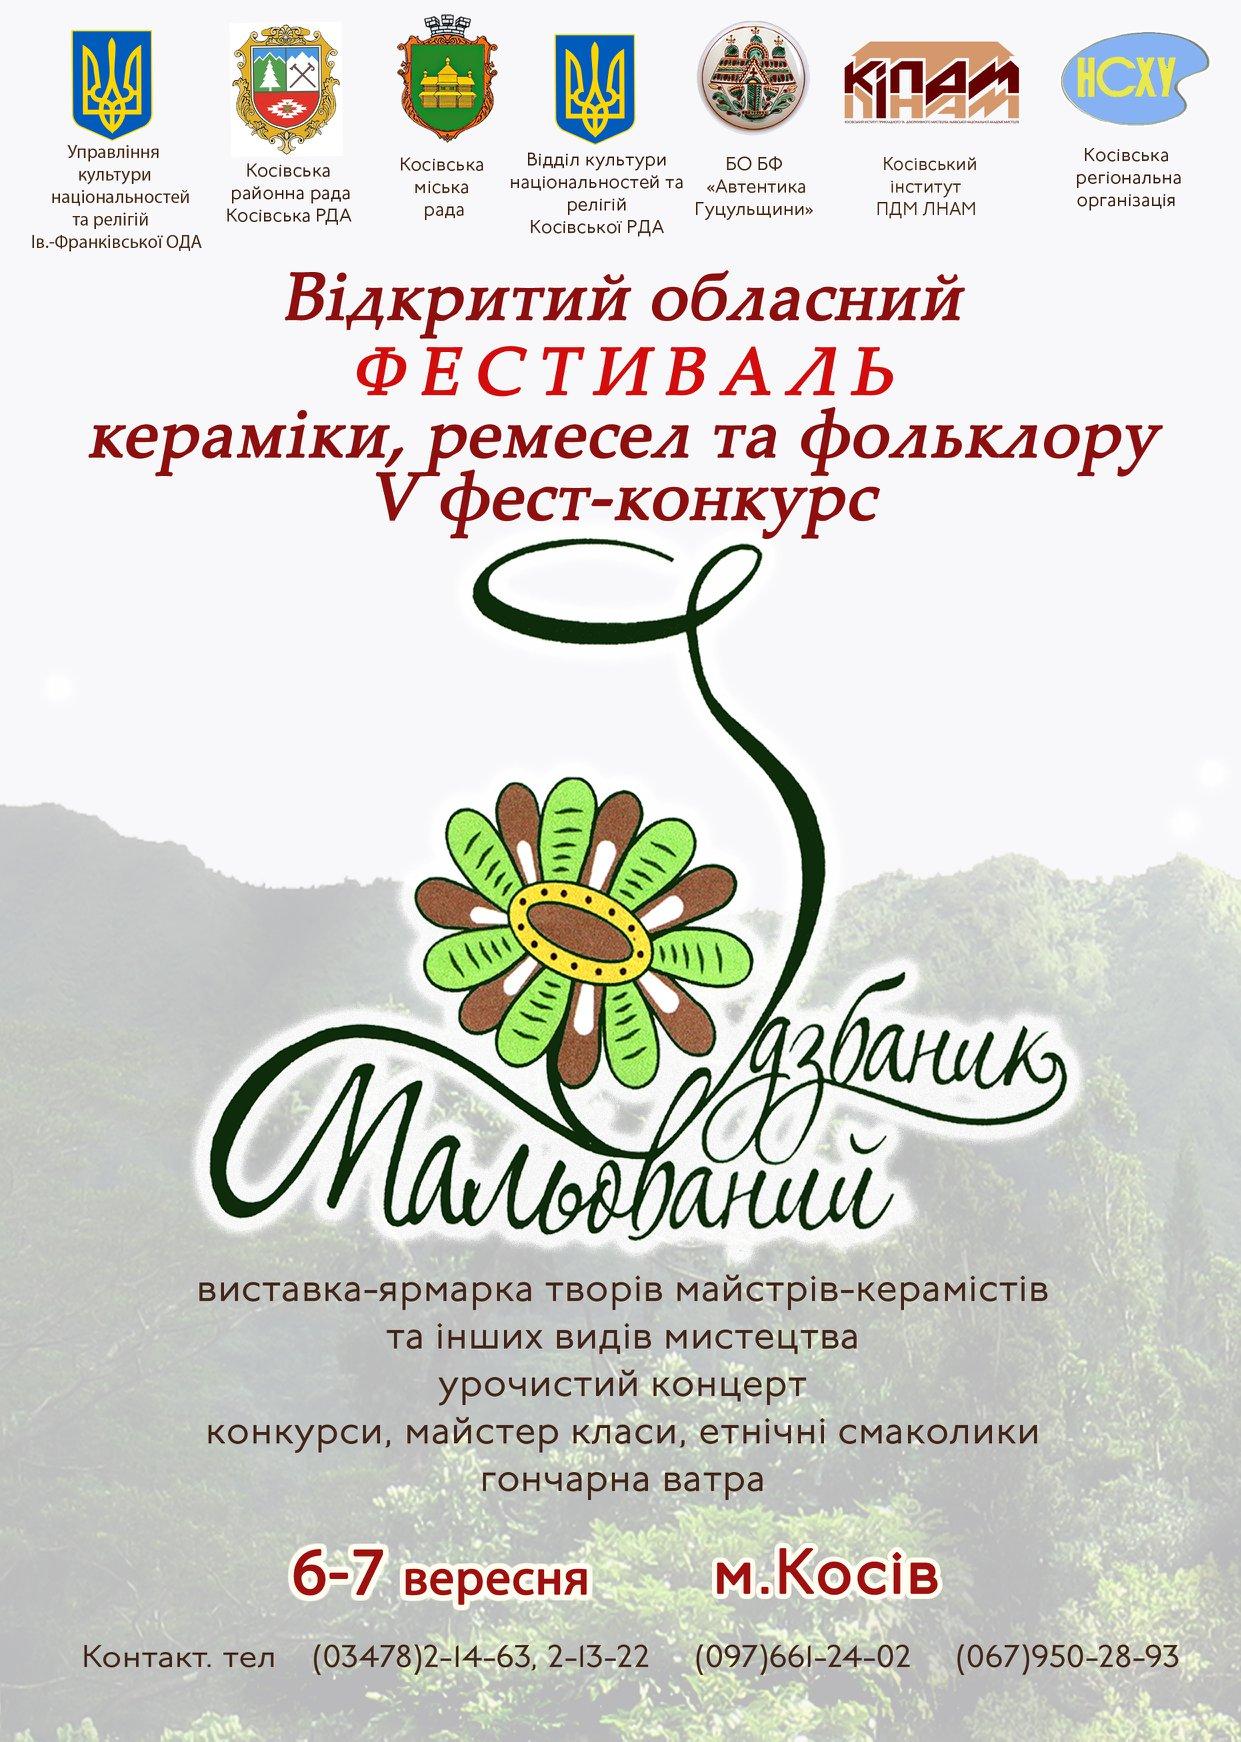 Косівська кераміка увійде до списку Юнеско